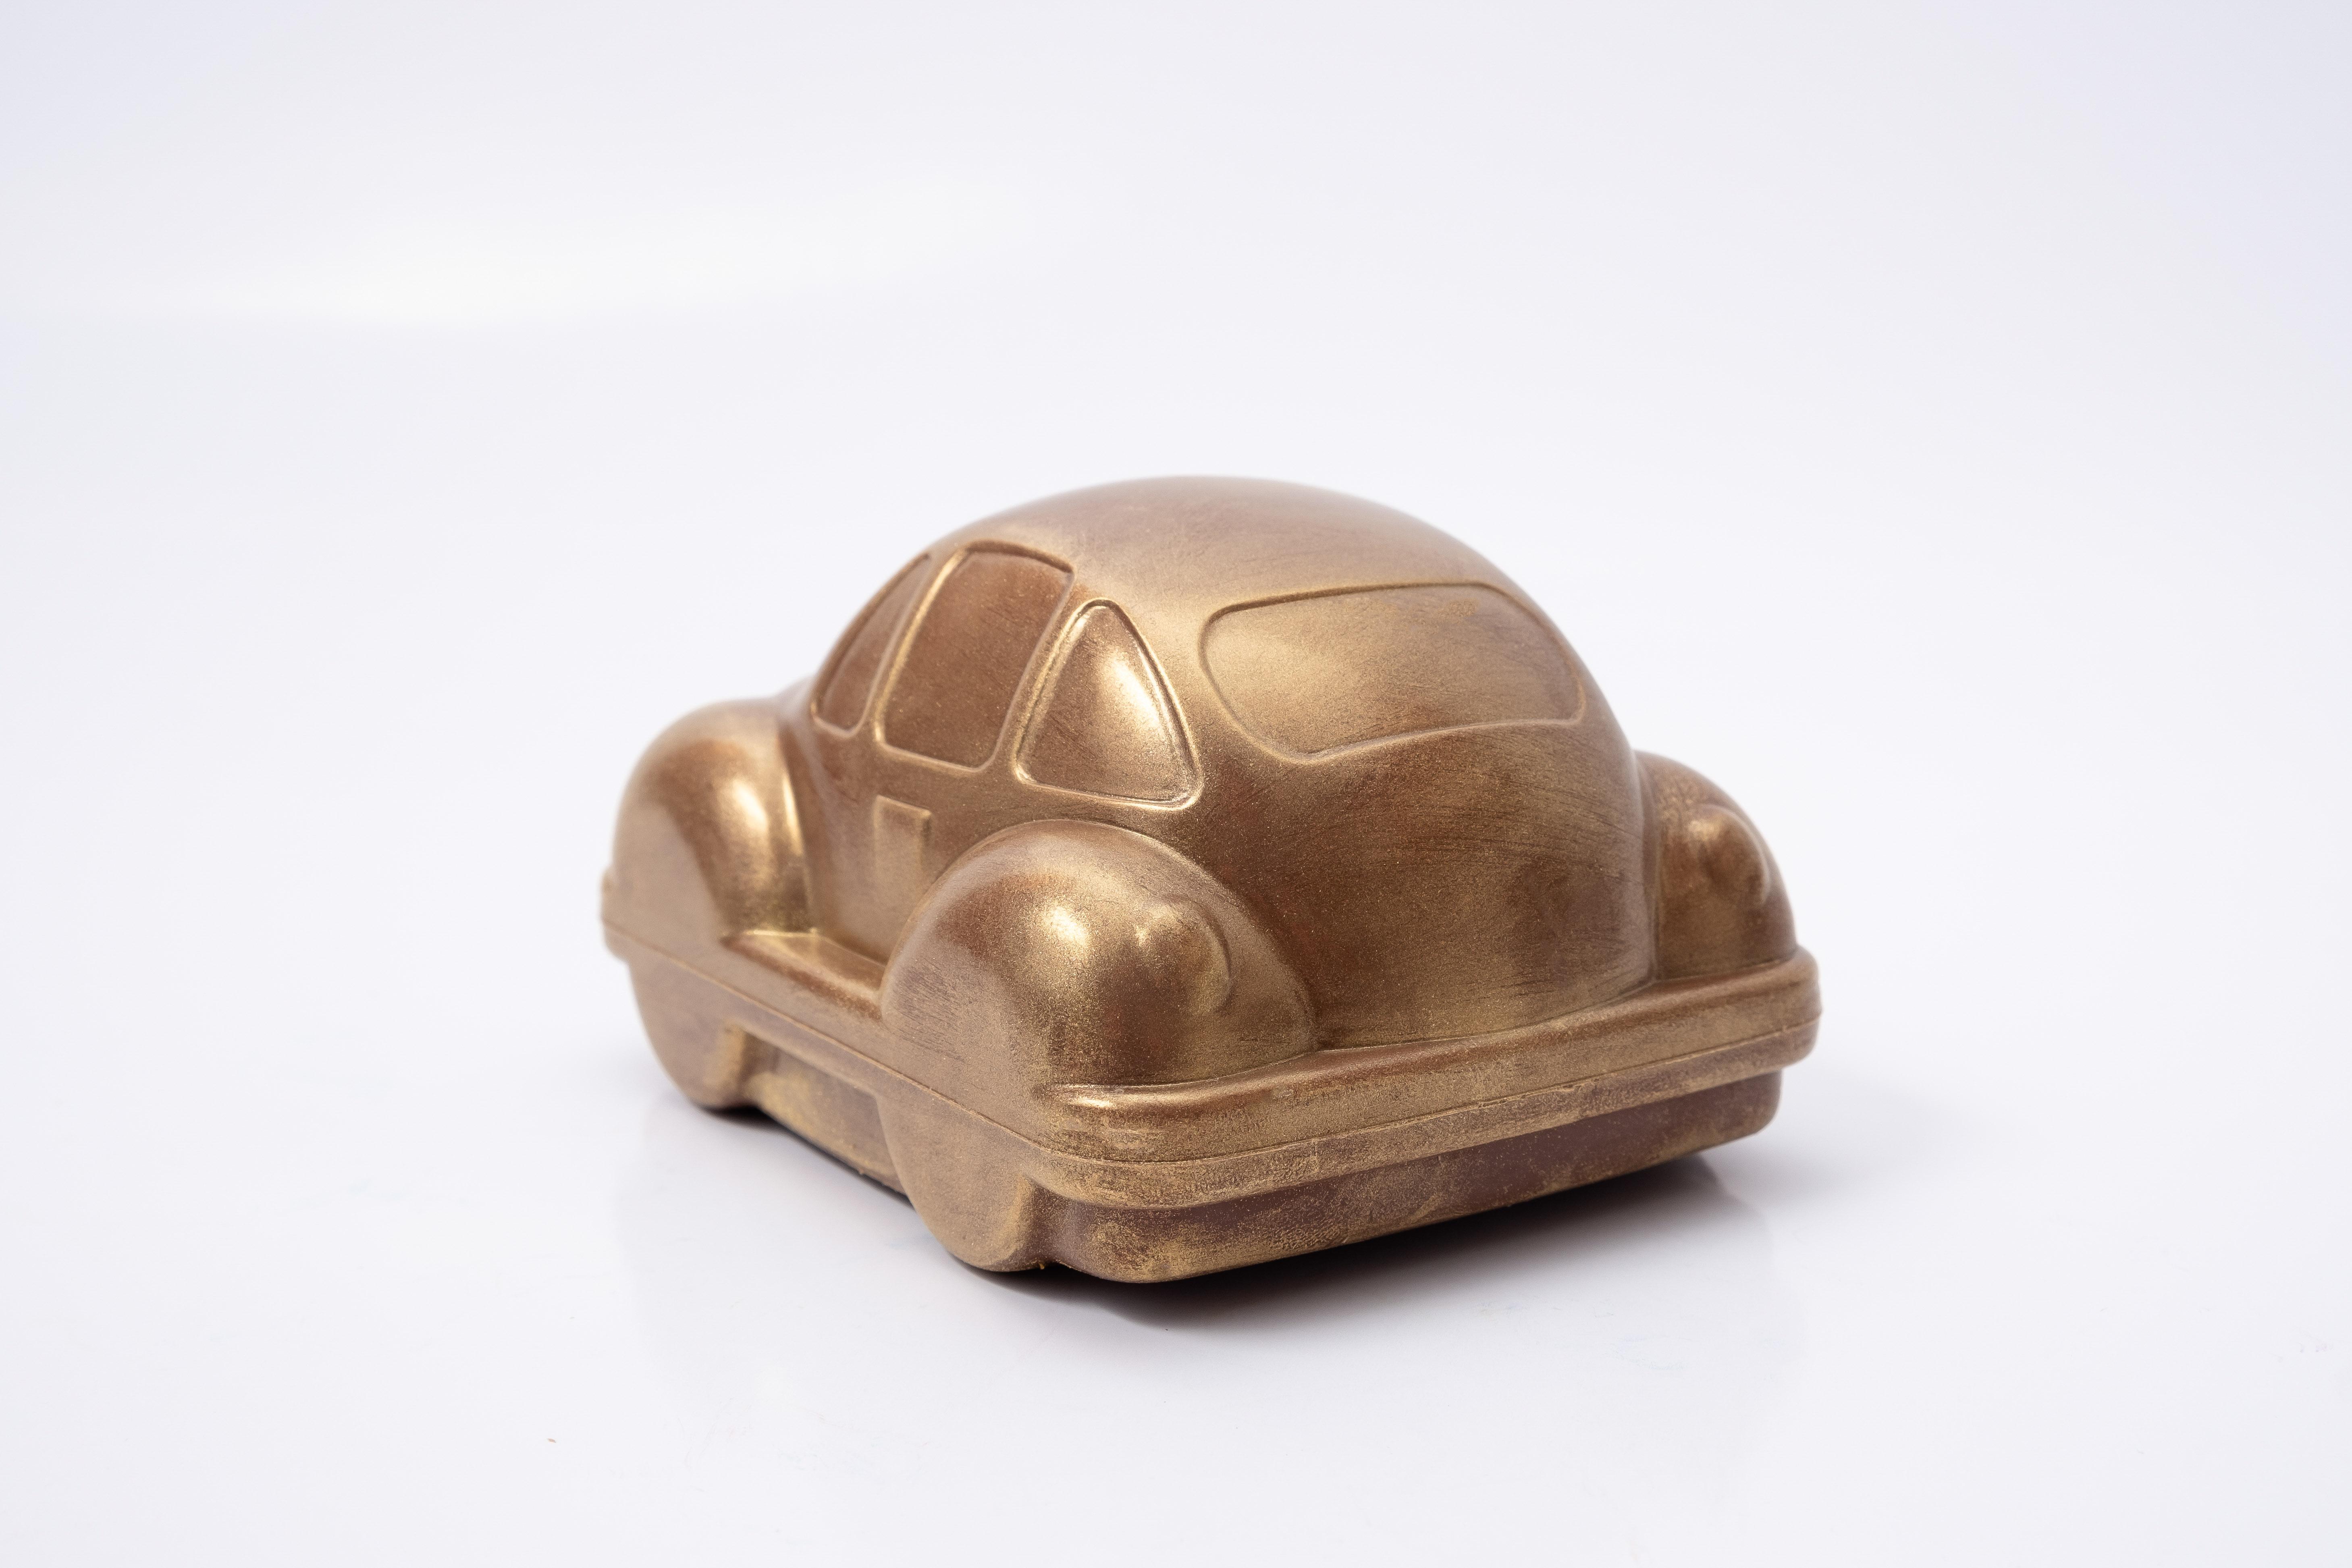 Auto Herbie